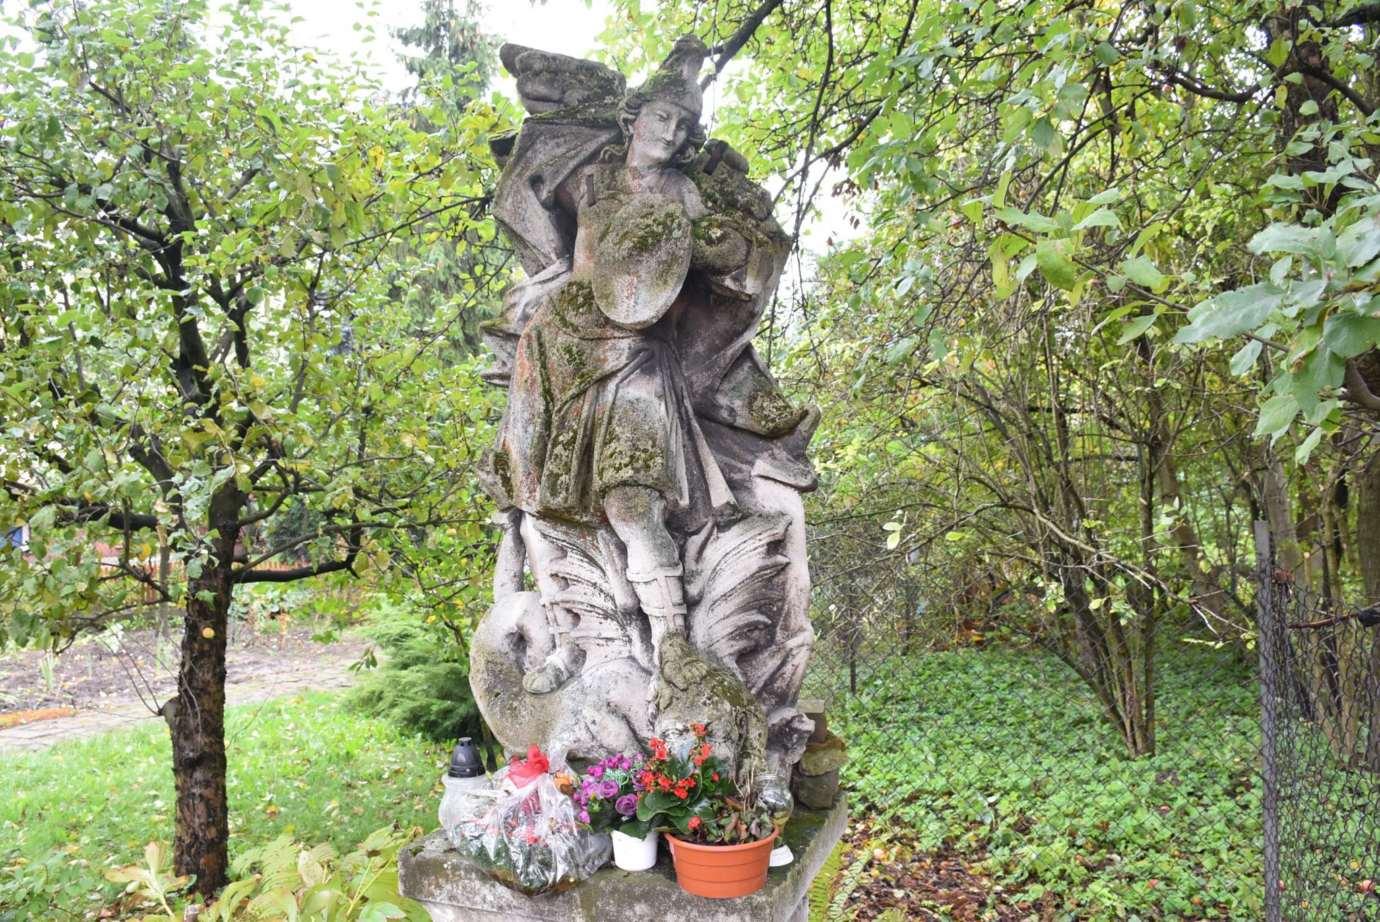 dsc 6027 Zamość: Zabytkowa rzeźba odzyska dawną świetność